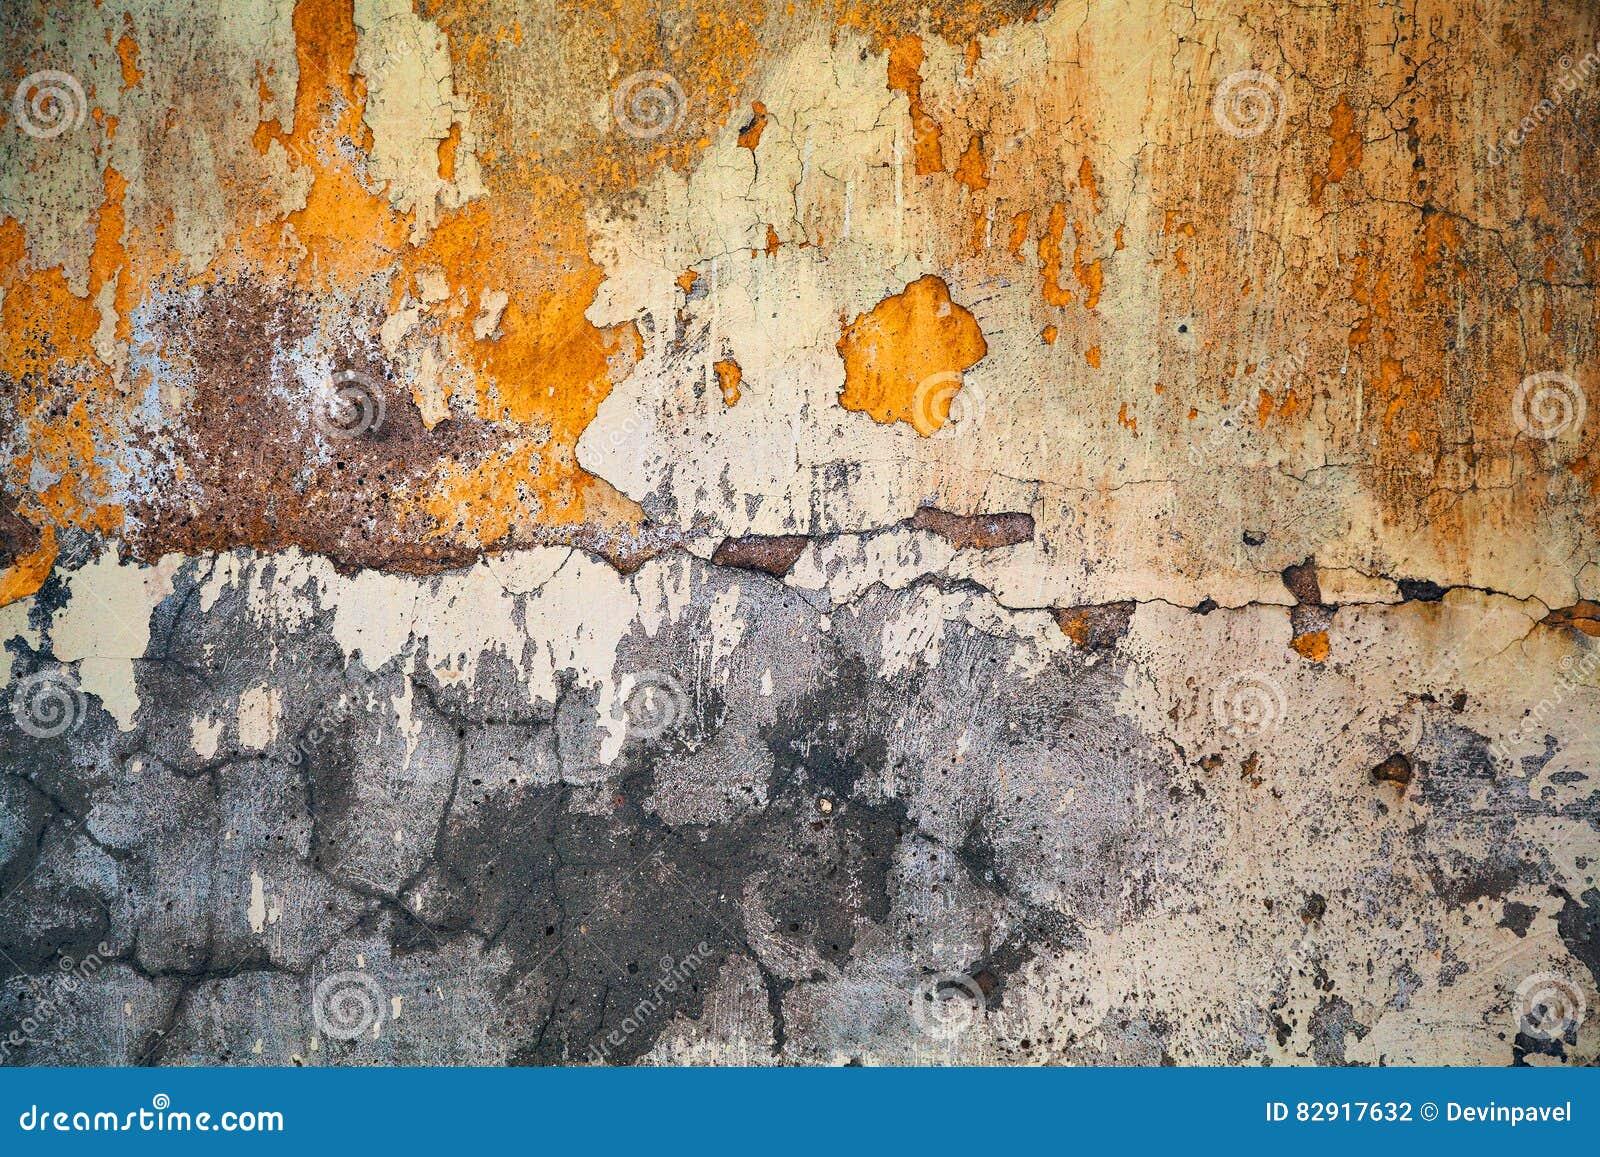 Parede de Grunge, fundo textured altamente detalhado